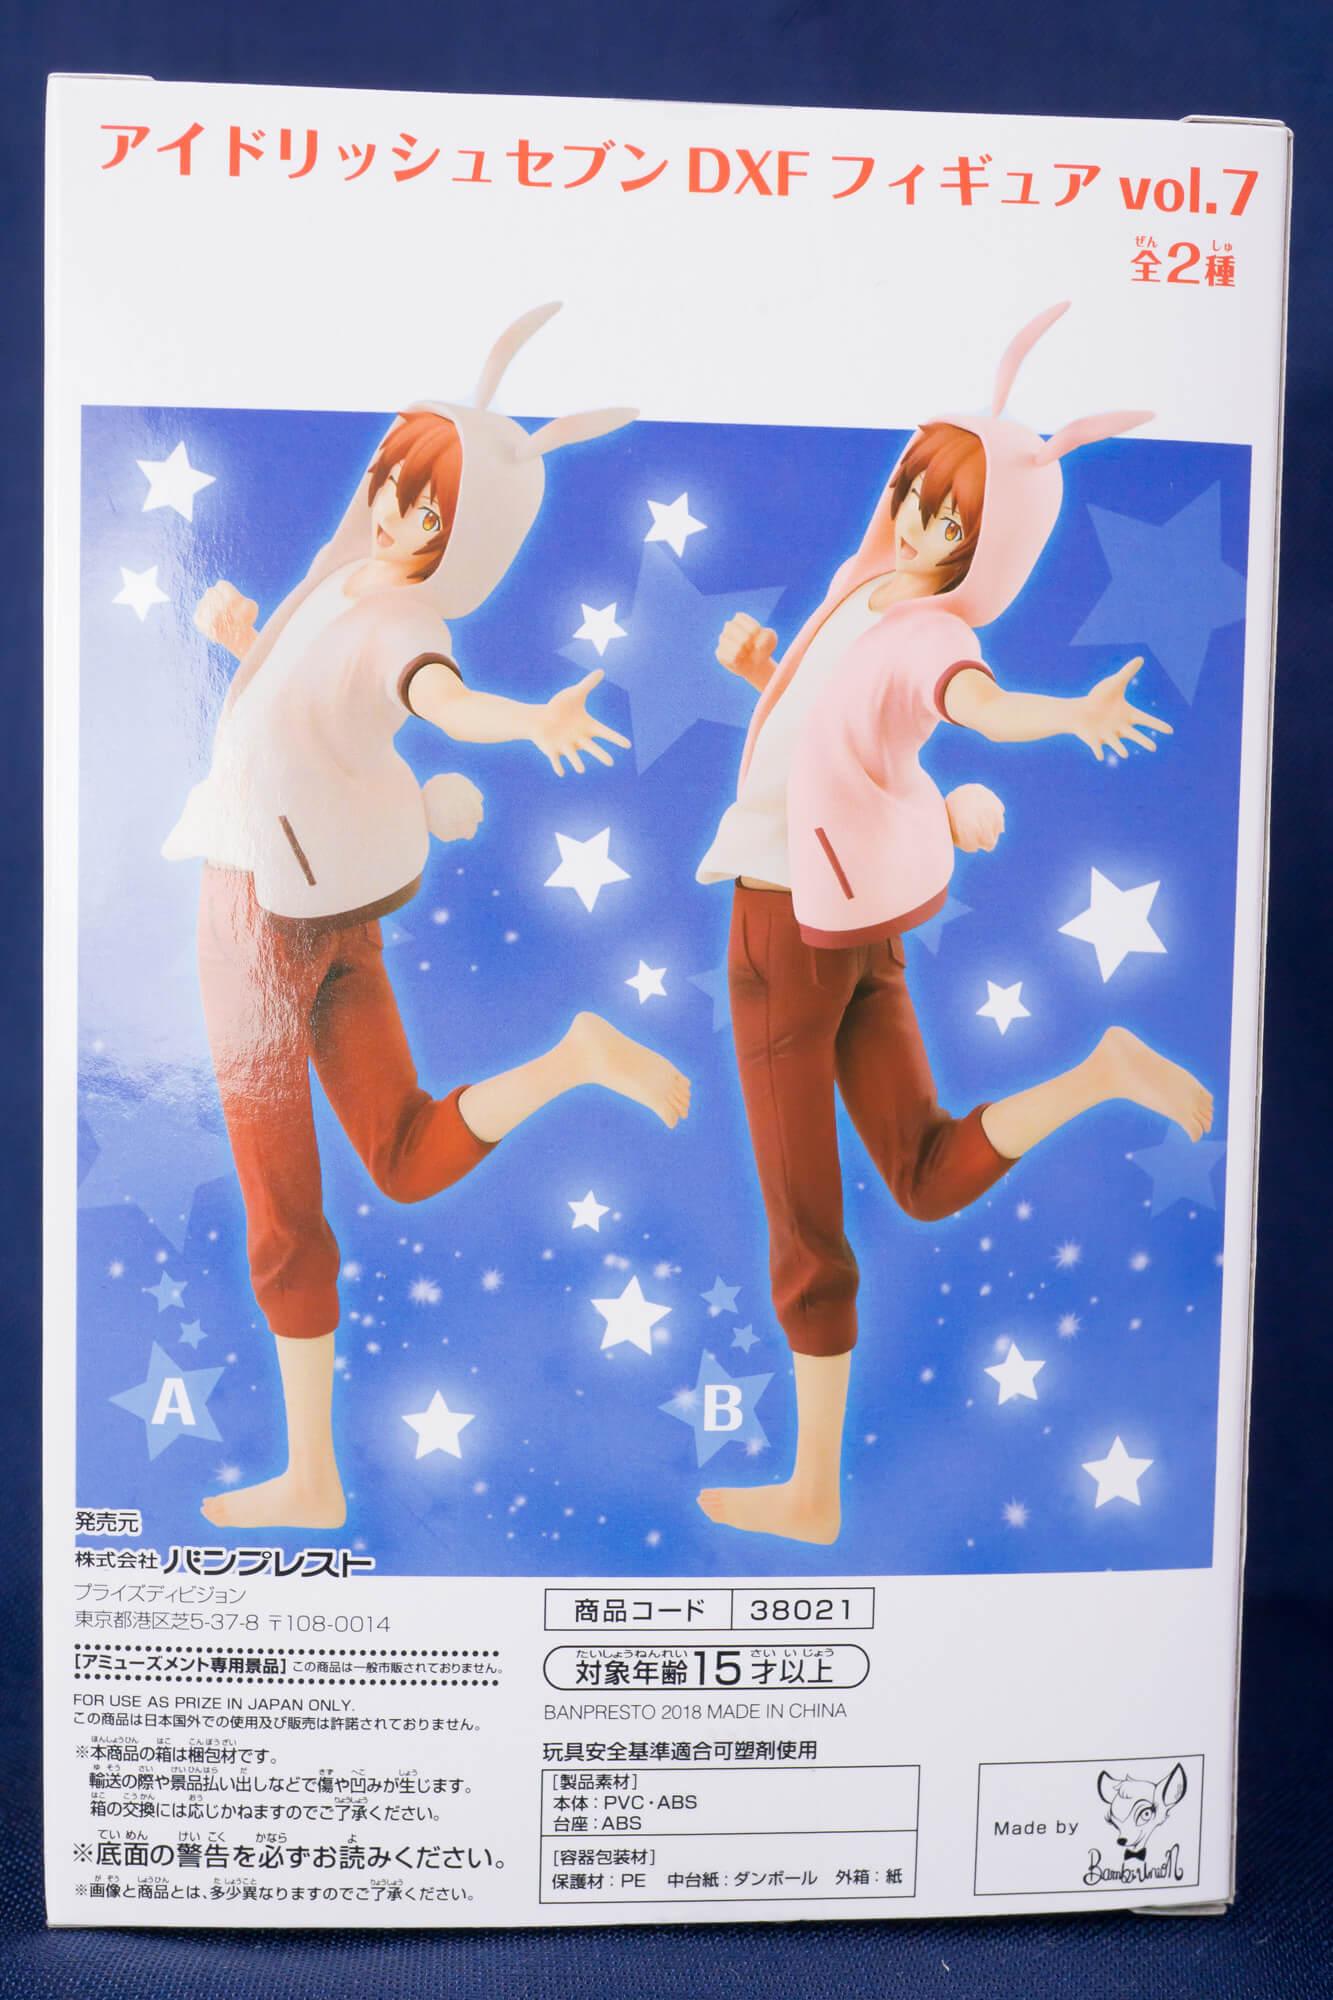 【フィギュアレビュー】アイドリッシュセブン DXFフィギュア vol.7【七瀬陸】